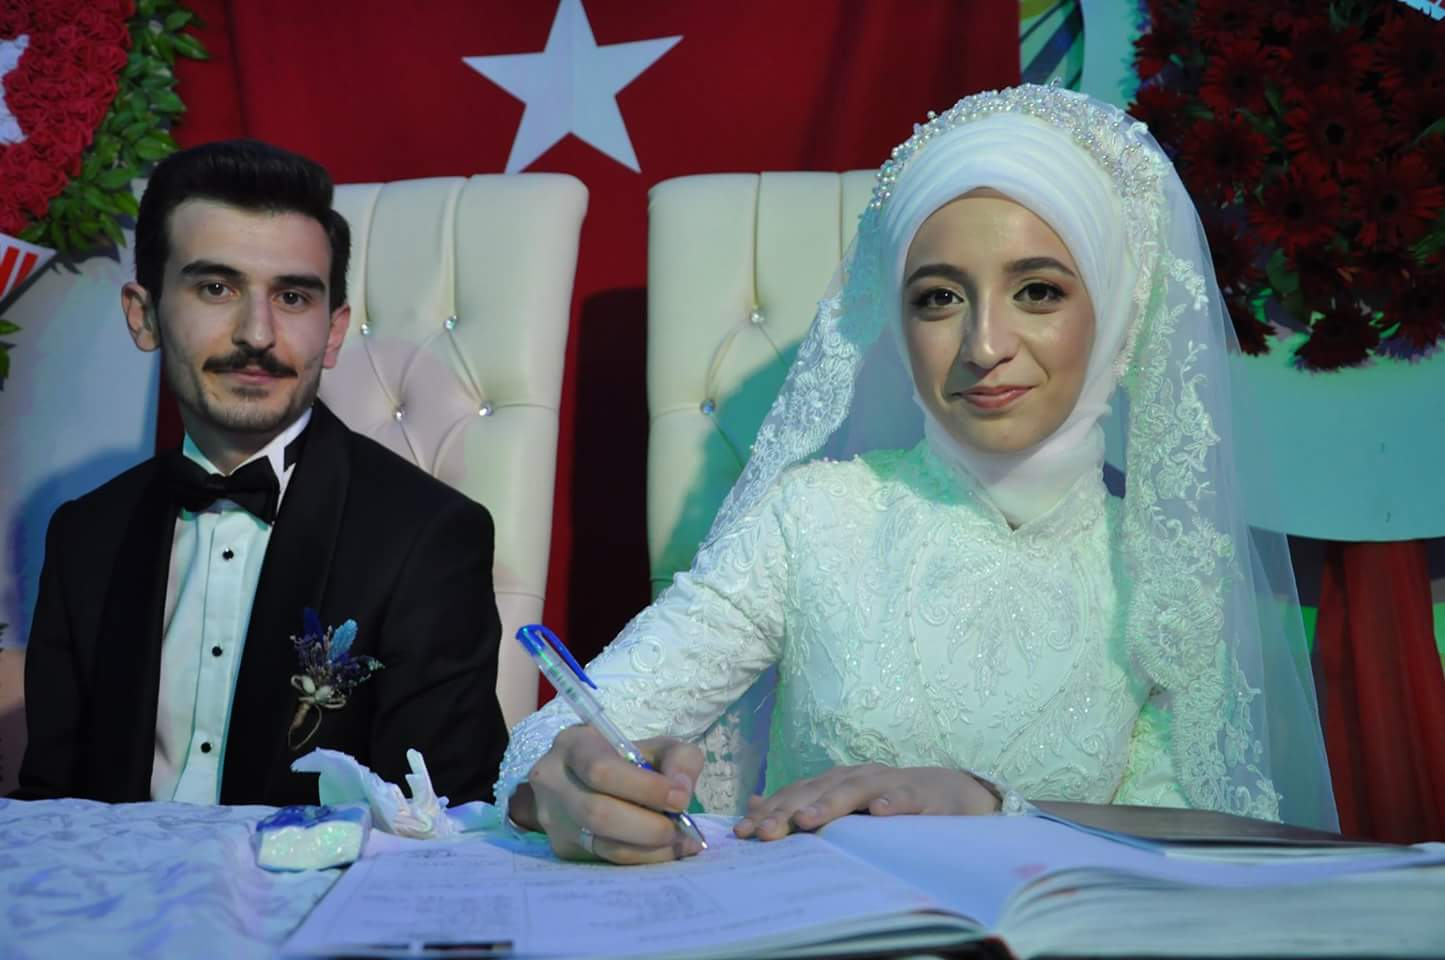 İlçenin tanınmış ve sevilen öğretmenlerinden Güler & Haydar Peşmen çiftinin oğlu Mahmut Andaç, Hatice & Seyit Koç çiftinin kızı Tuğba ile hayatını birleştirdi. Genç çiftin nikahını Sungurlu Belediye Başkanı Abdulkadir Şahiner kıydı. | Sungurlu Haber